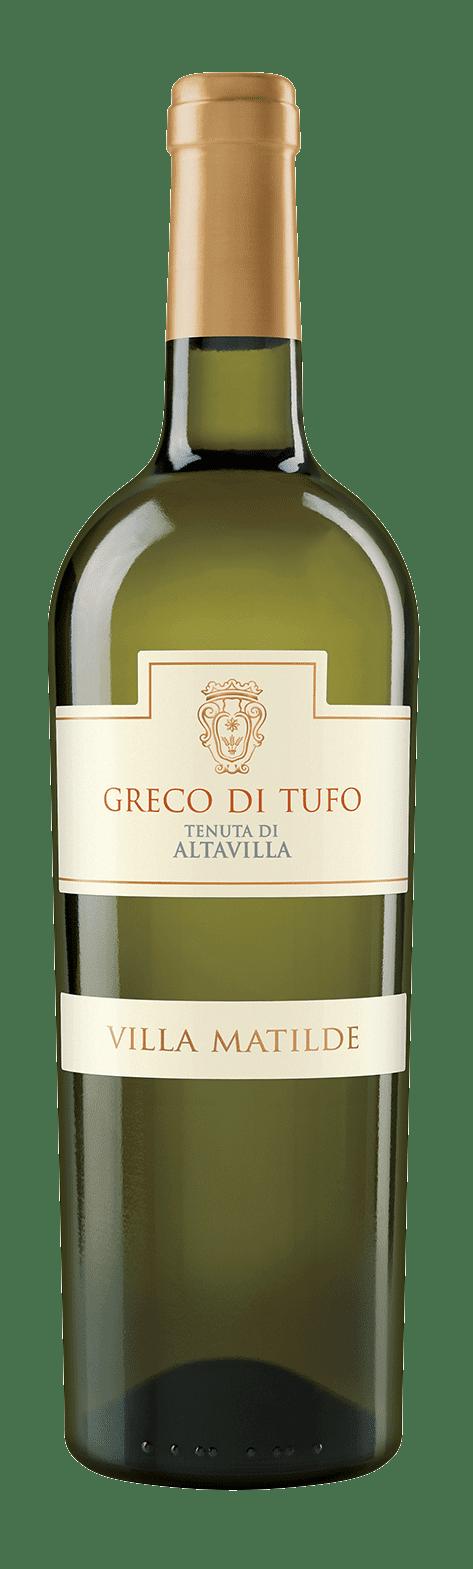 Villa Matilde Greco Tufo